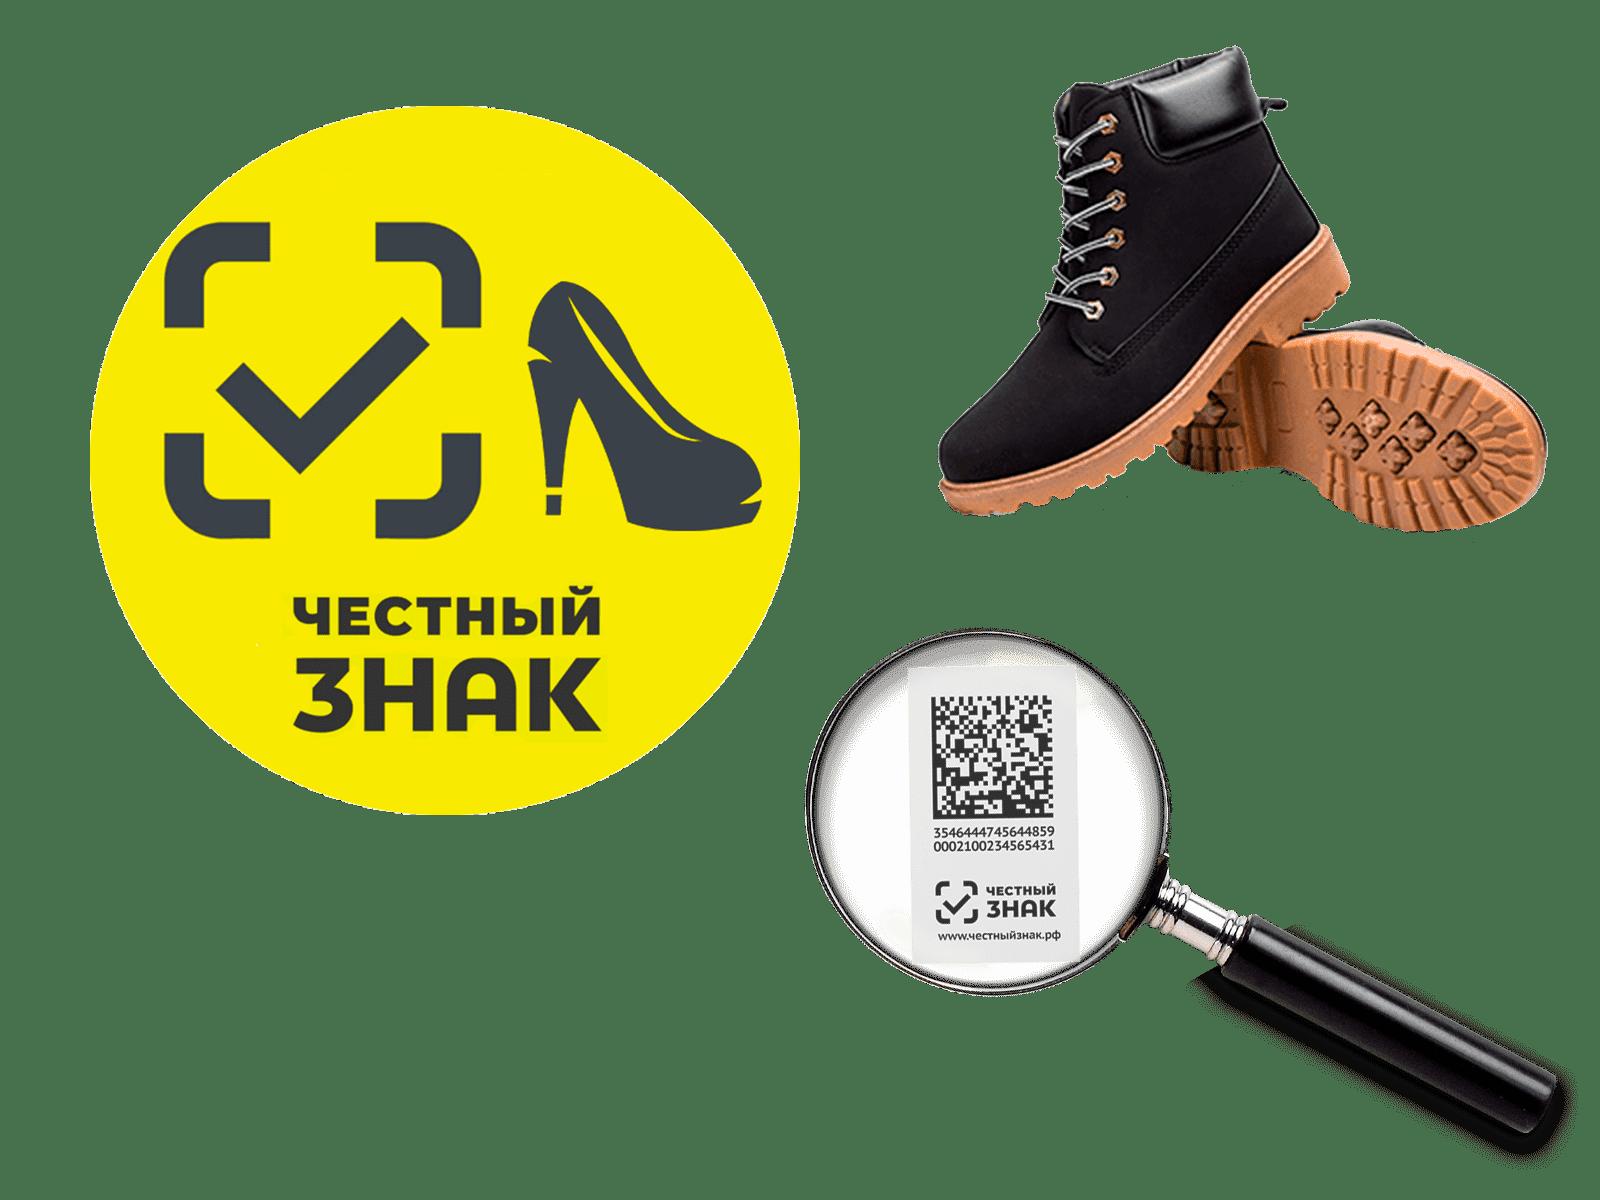 Обязательная маркировка остатков обуви